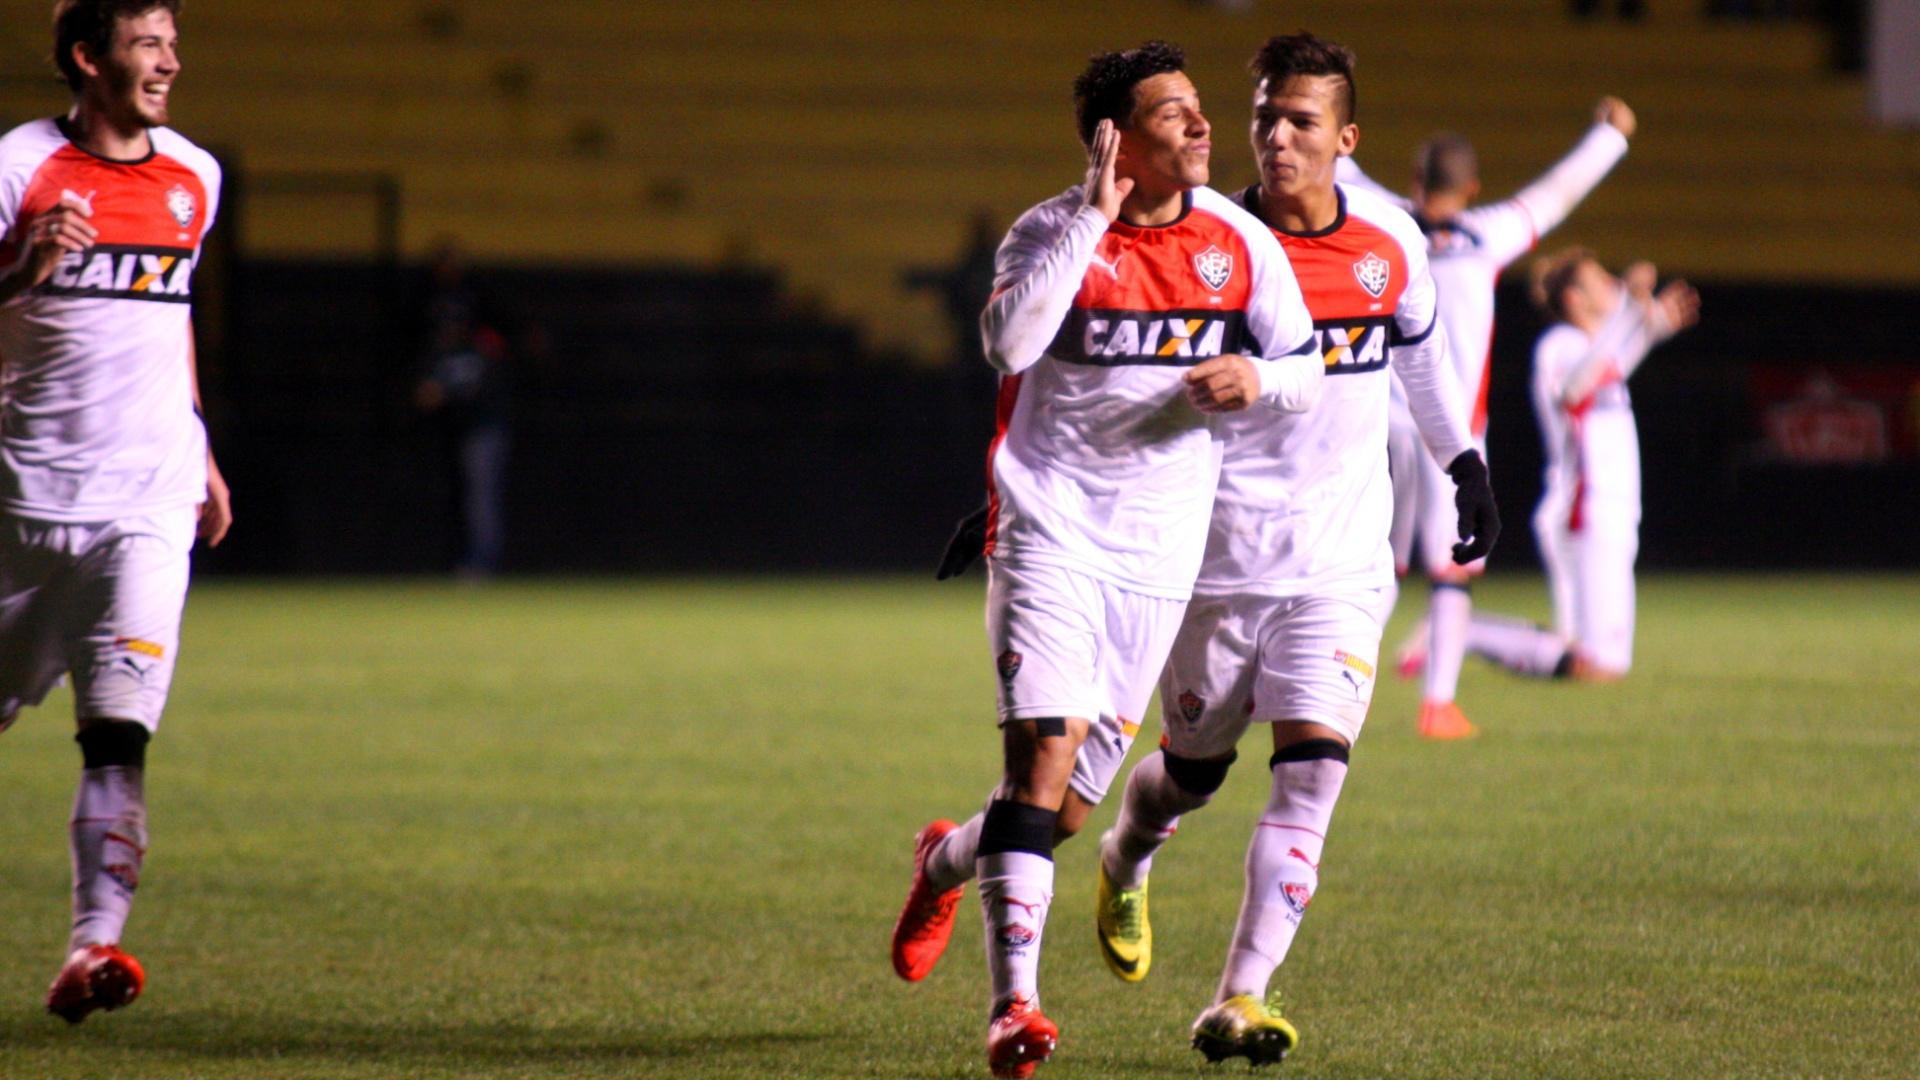 Ayrton comemora o 3° gol do Vitória sobre o Criciúma